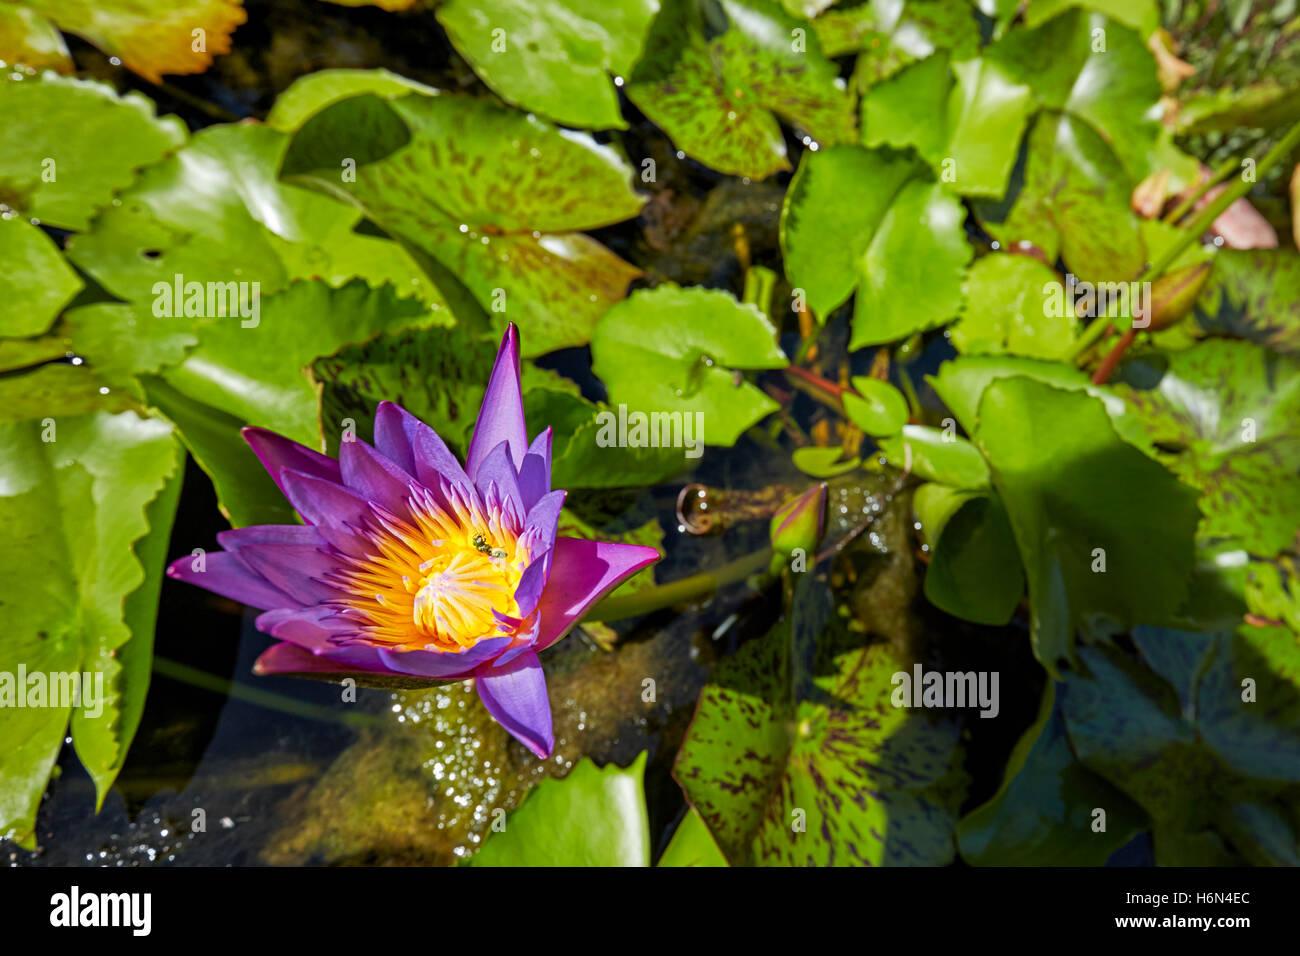 Blue star water lily flower vietnam scientific name nymphaea blue star water lily flower vietnam scientific name nymphaea nouchali mightylinksfo